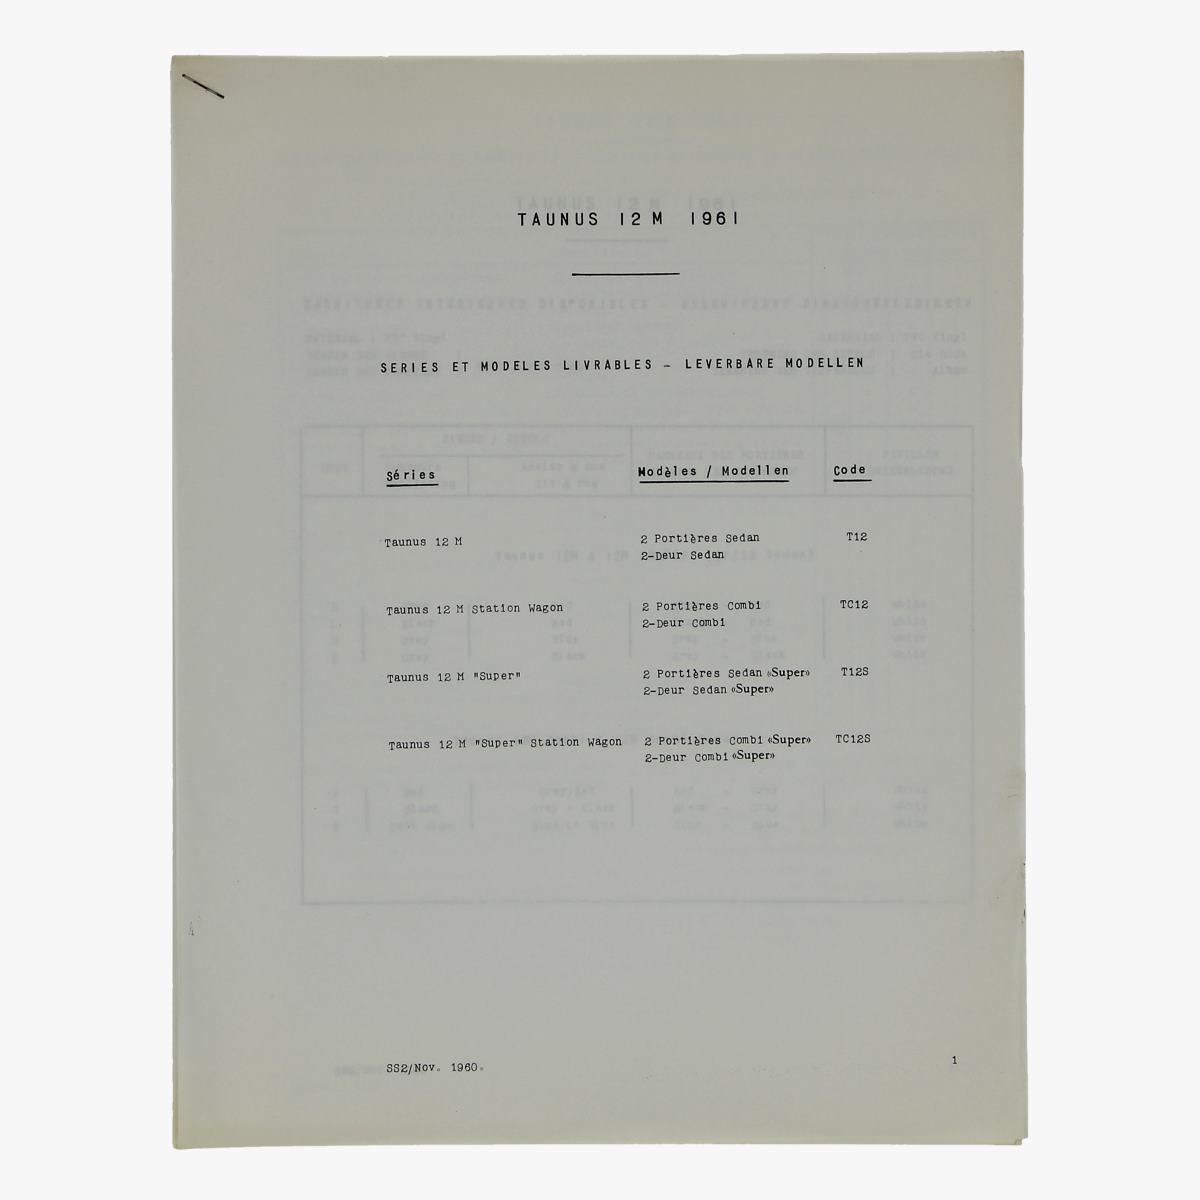 Afbeeldingen van oude folder taunus 12m 1961